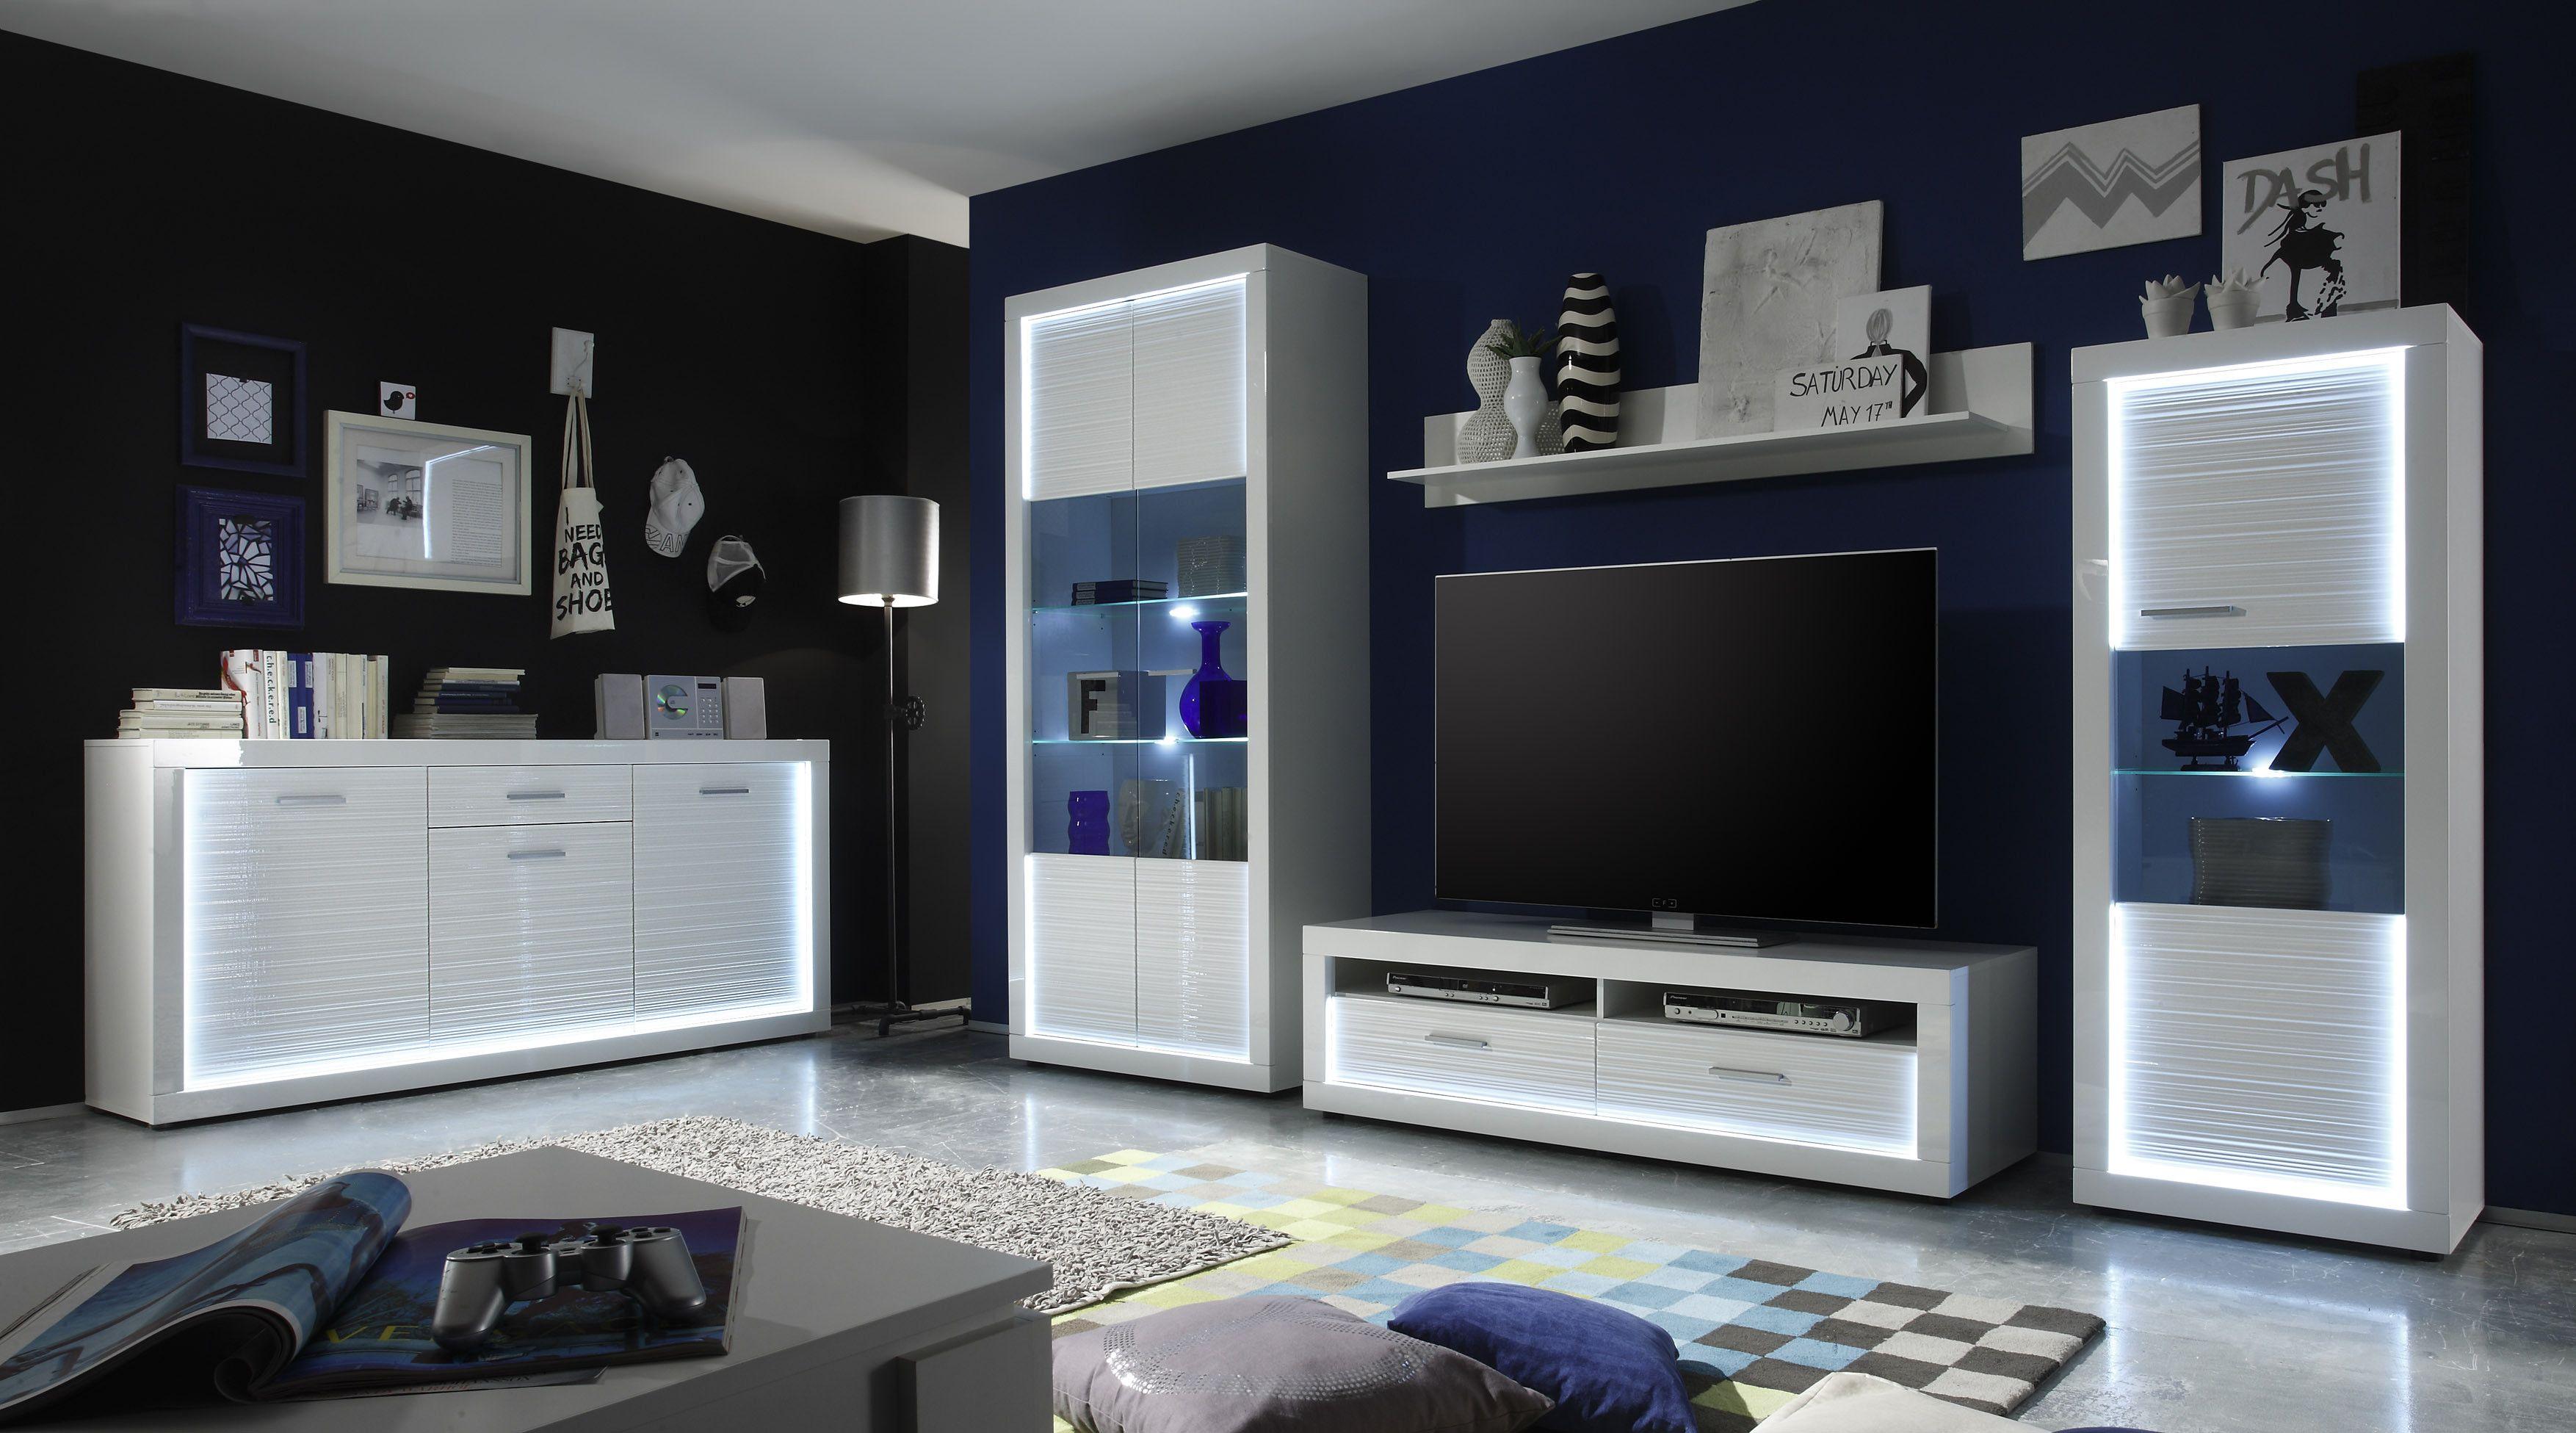 Wohnwand Mit Sideboard Weiss Hochglanz Rillenoptik/ Weiss Nachbildung Woody  93 00727 Holz Modern Jetzt